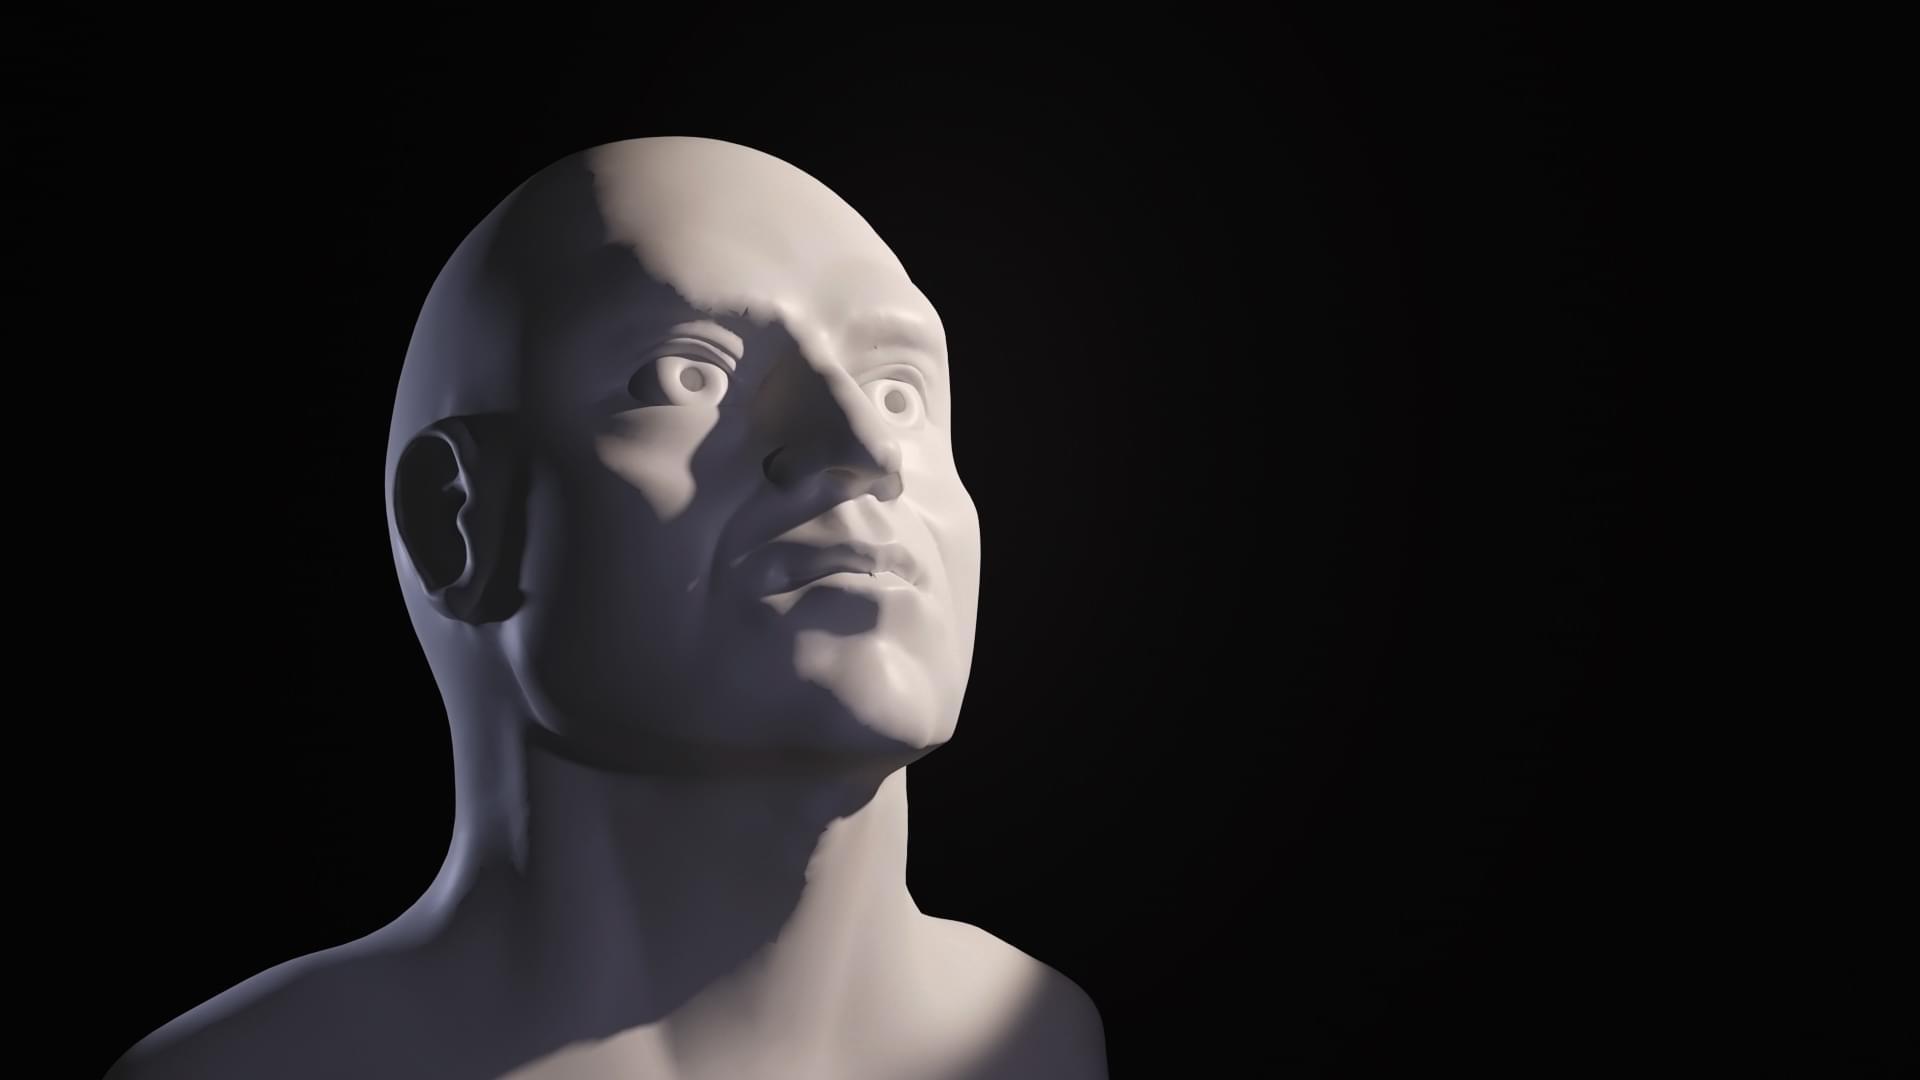 Die bust of a serious looking man.